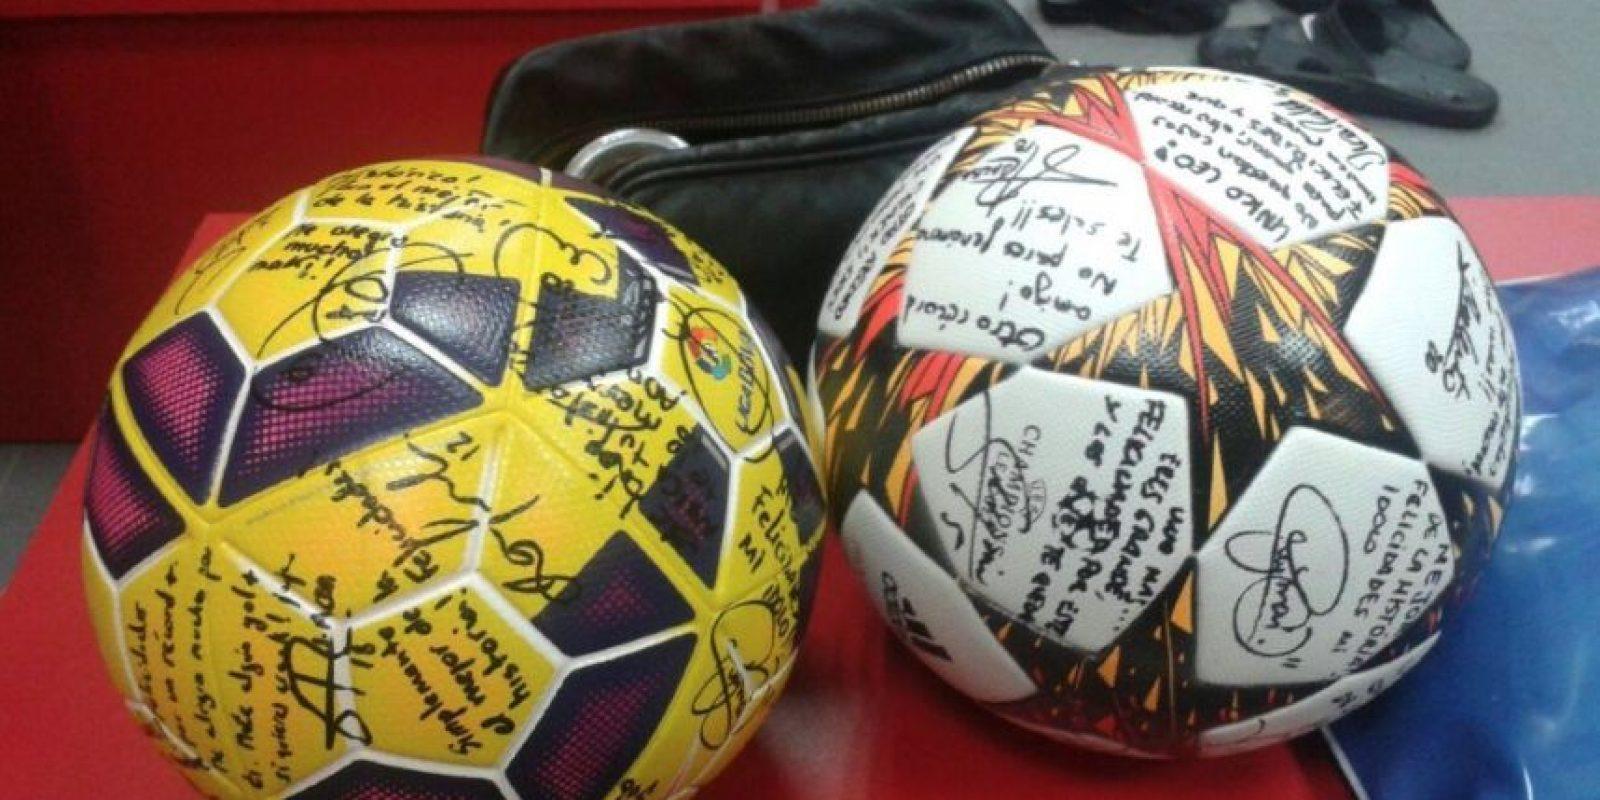 El regalo que recibió Leo Messi de sus compañeros de club. Foto:facebook.com/LeoMessi